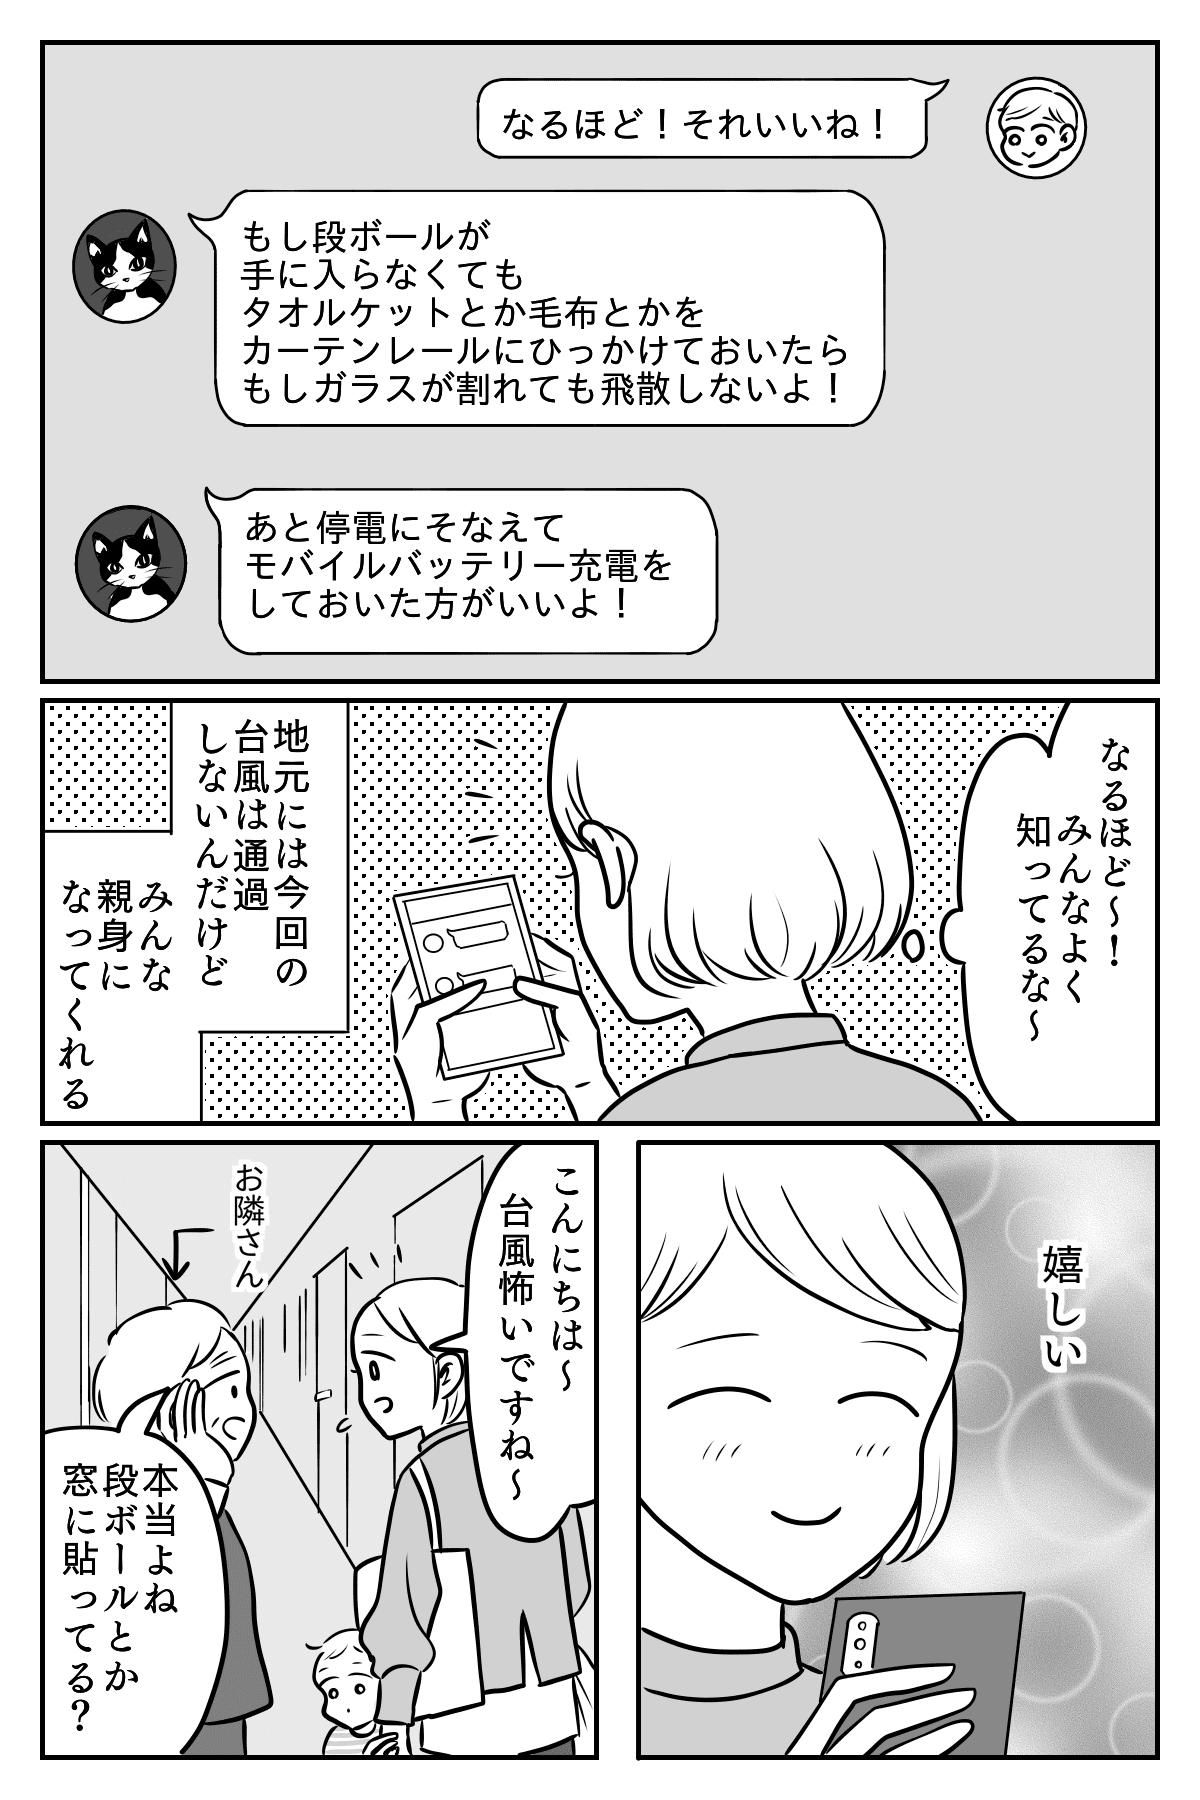 迫りくる大型台風が怖い!02